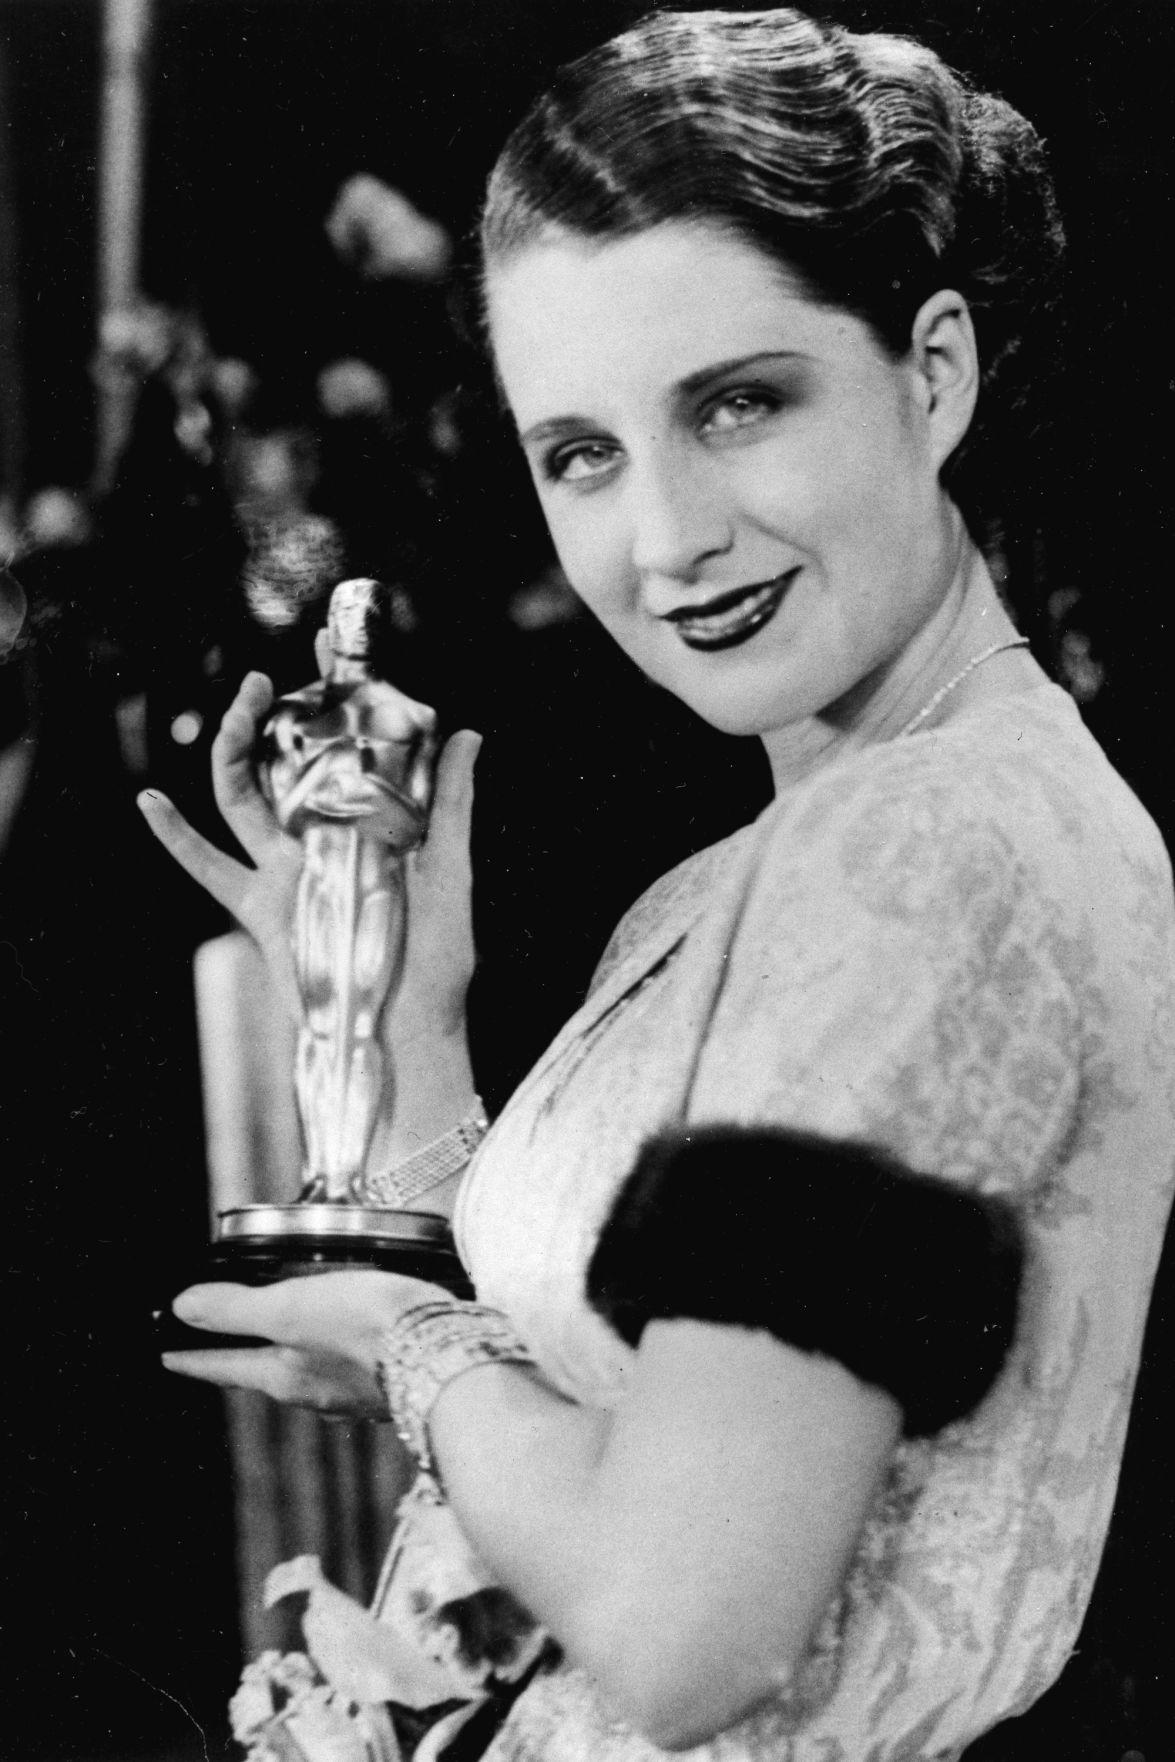 1930: Norma Shearer